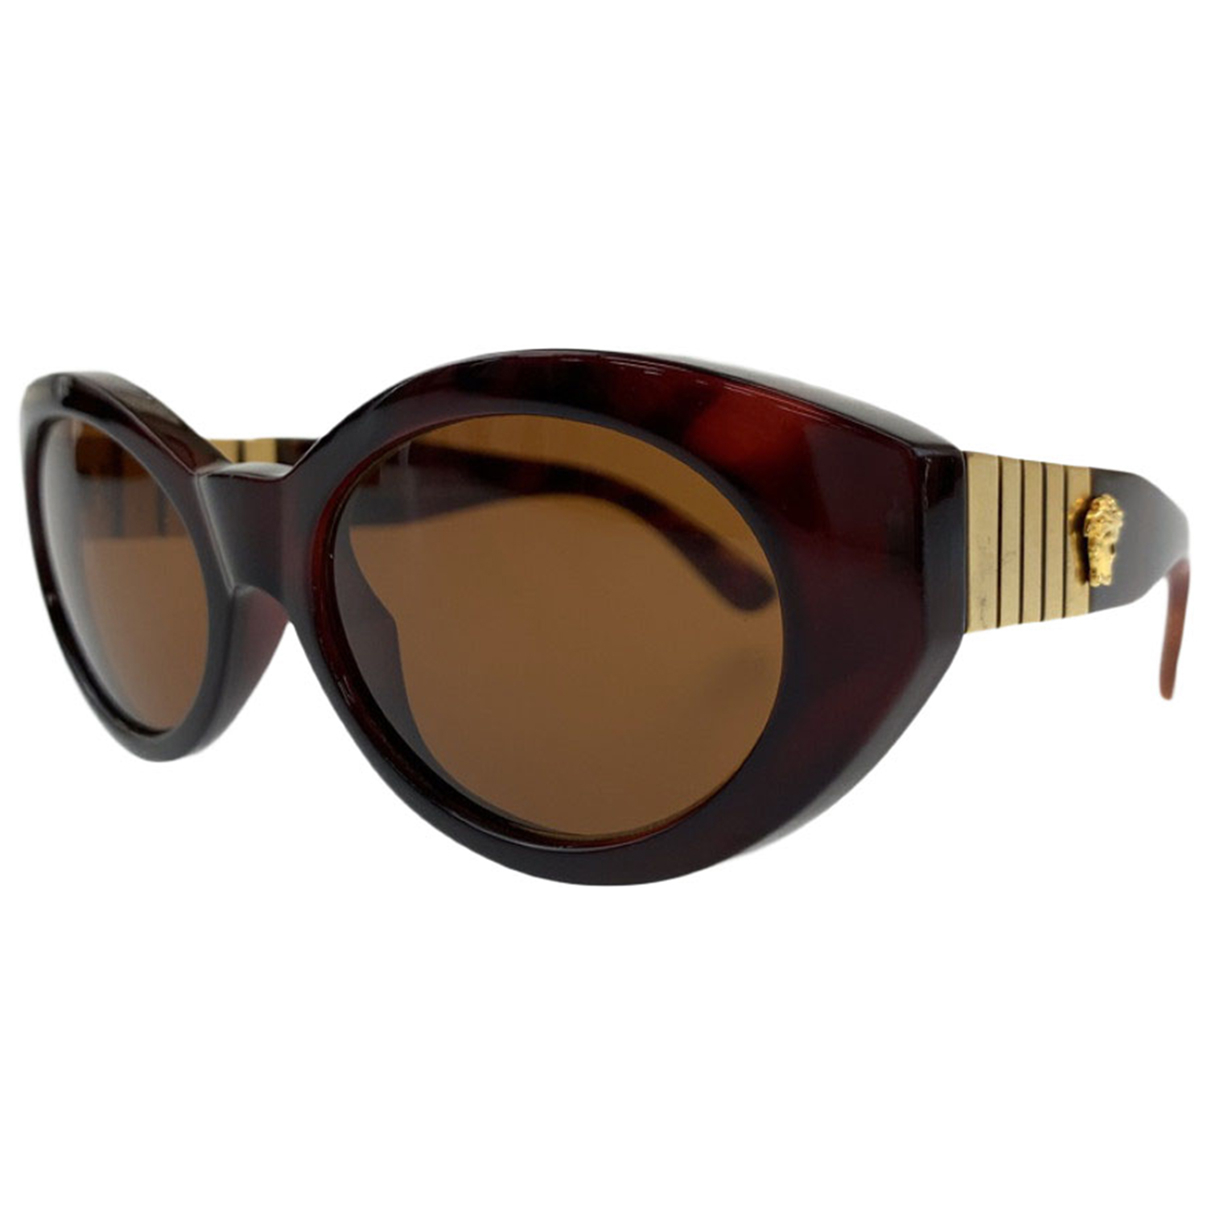 Gianni Versace - Lunettes   pour homme